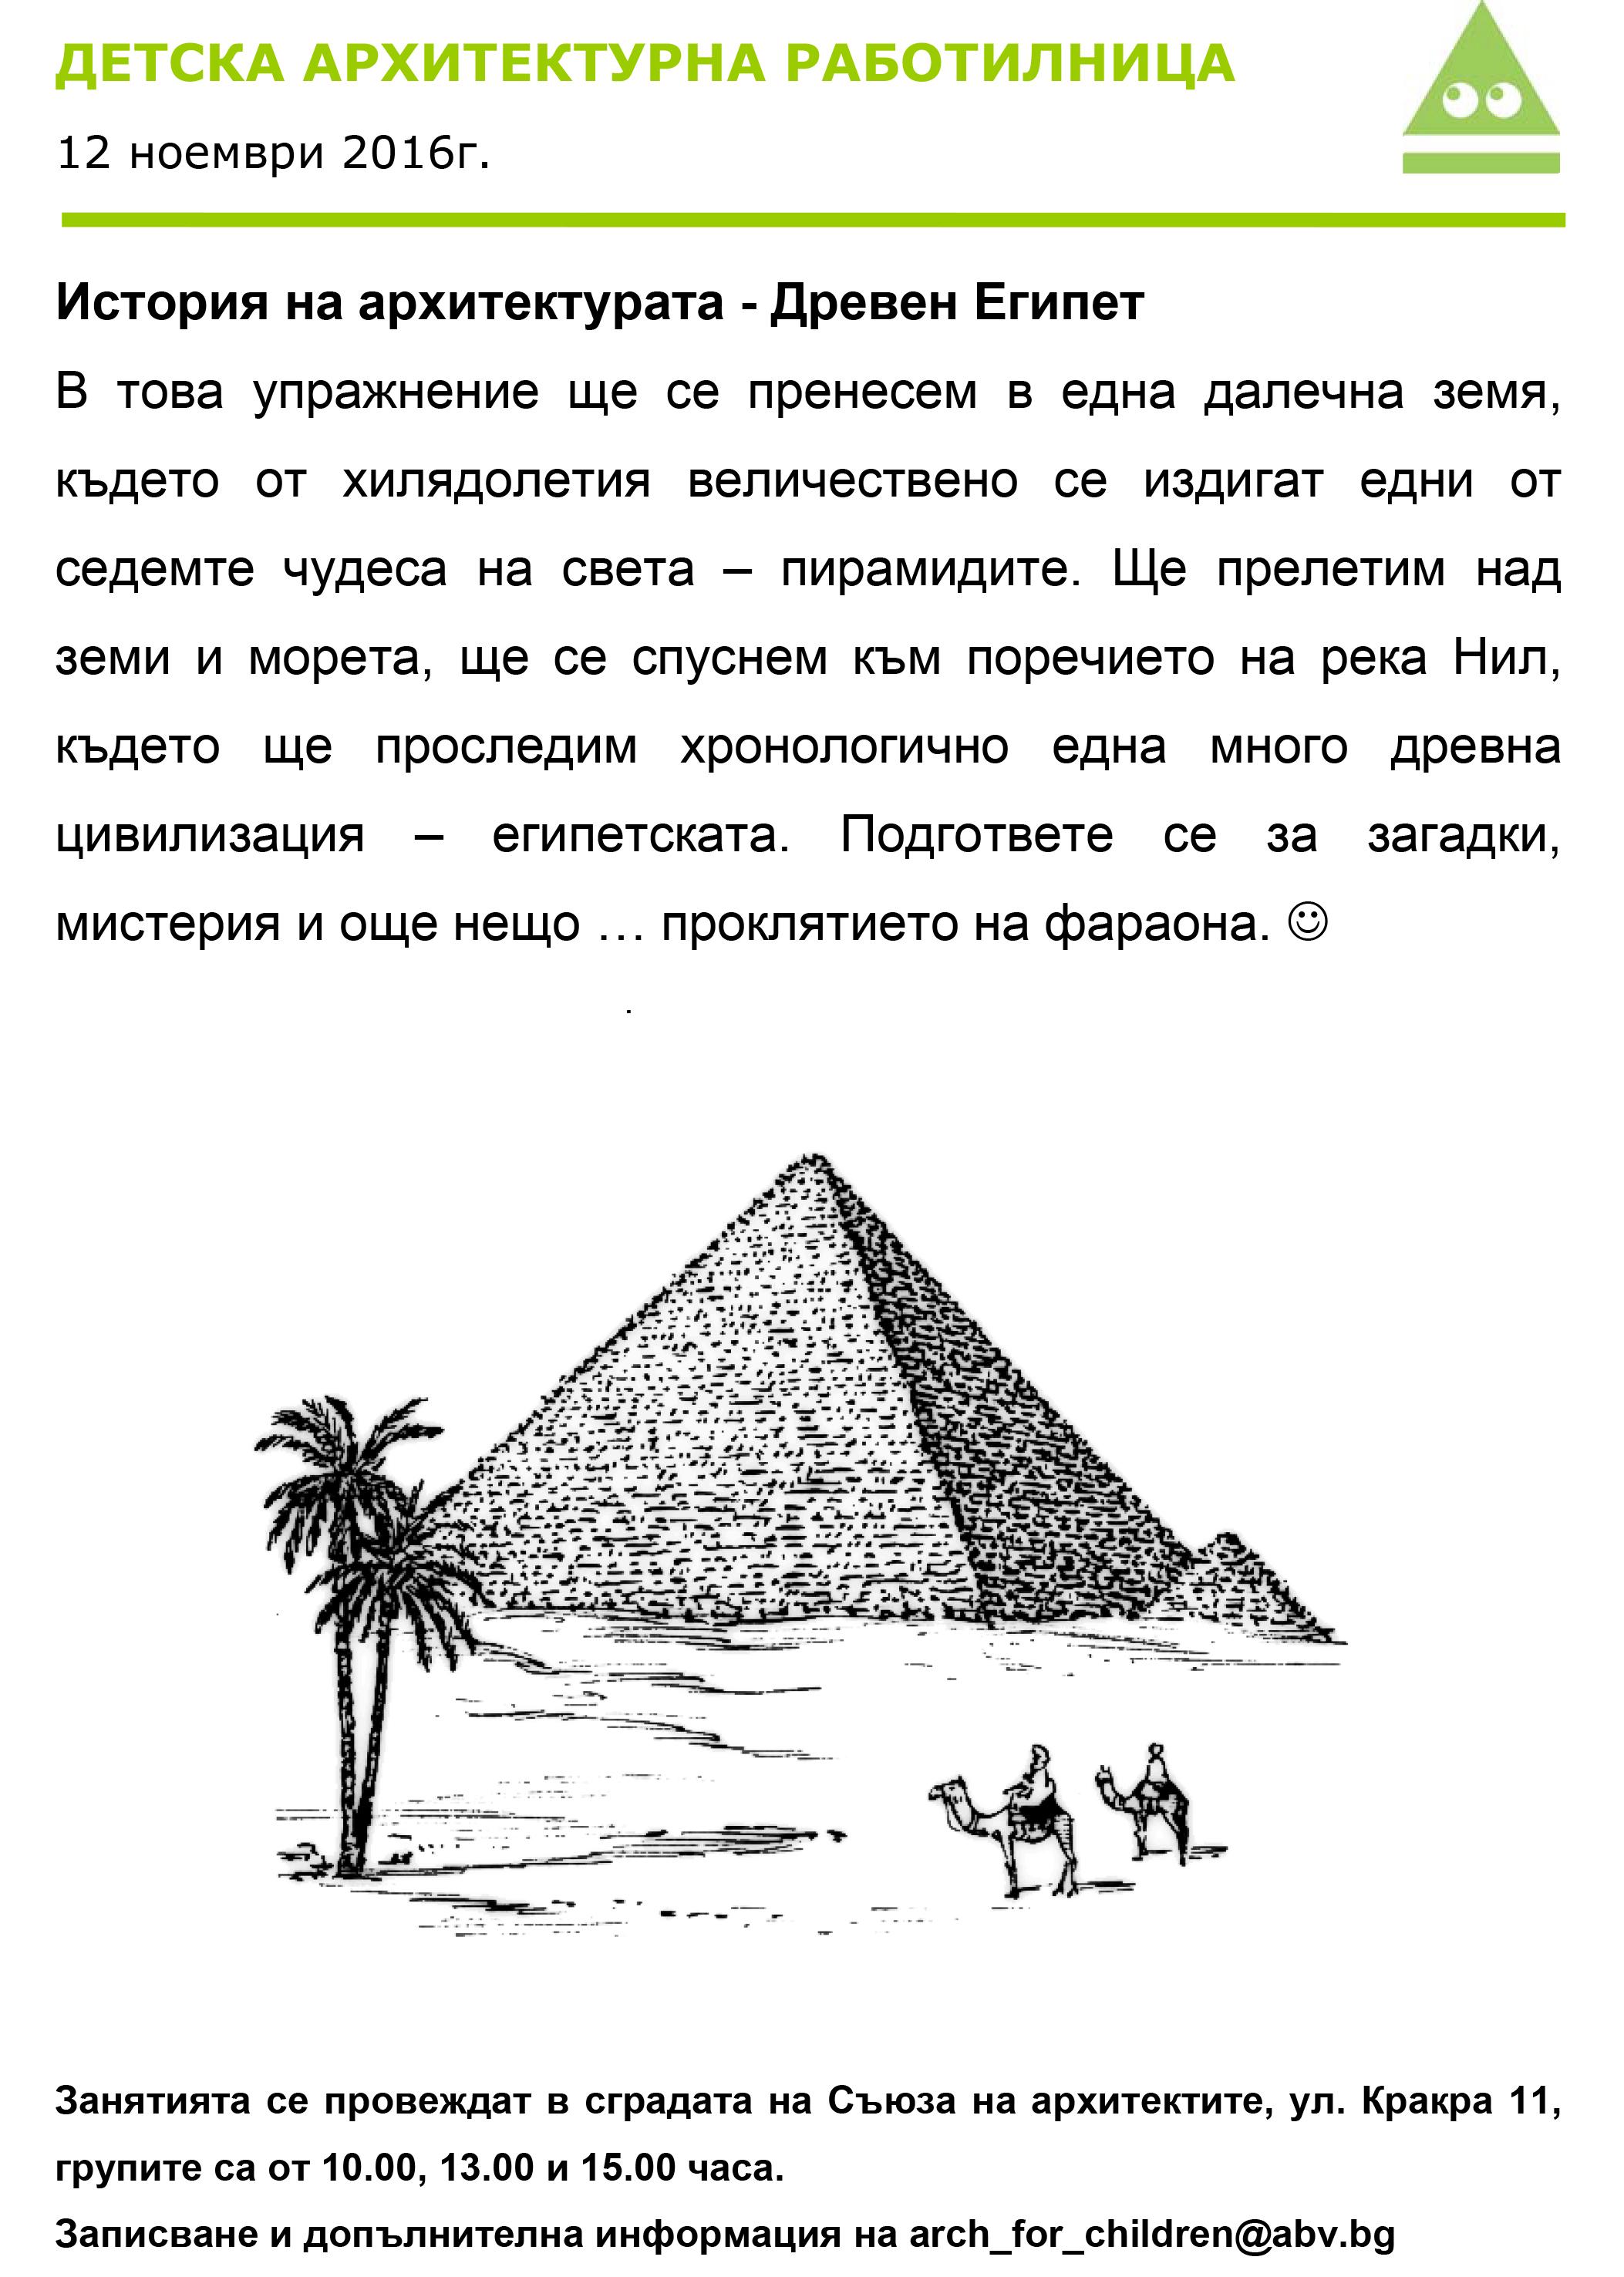 12 ноември 2016г - История на архитектурата - Древен Египет